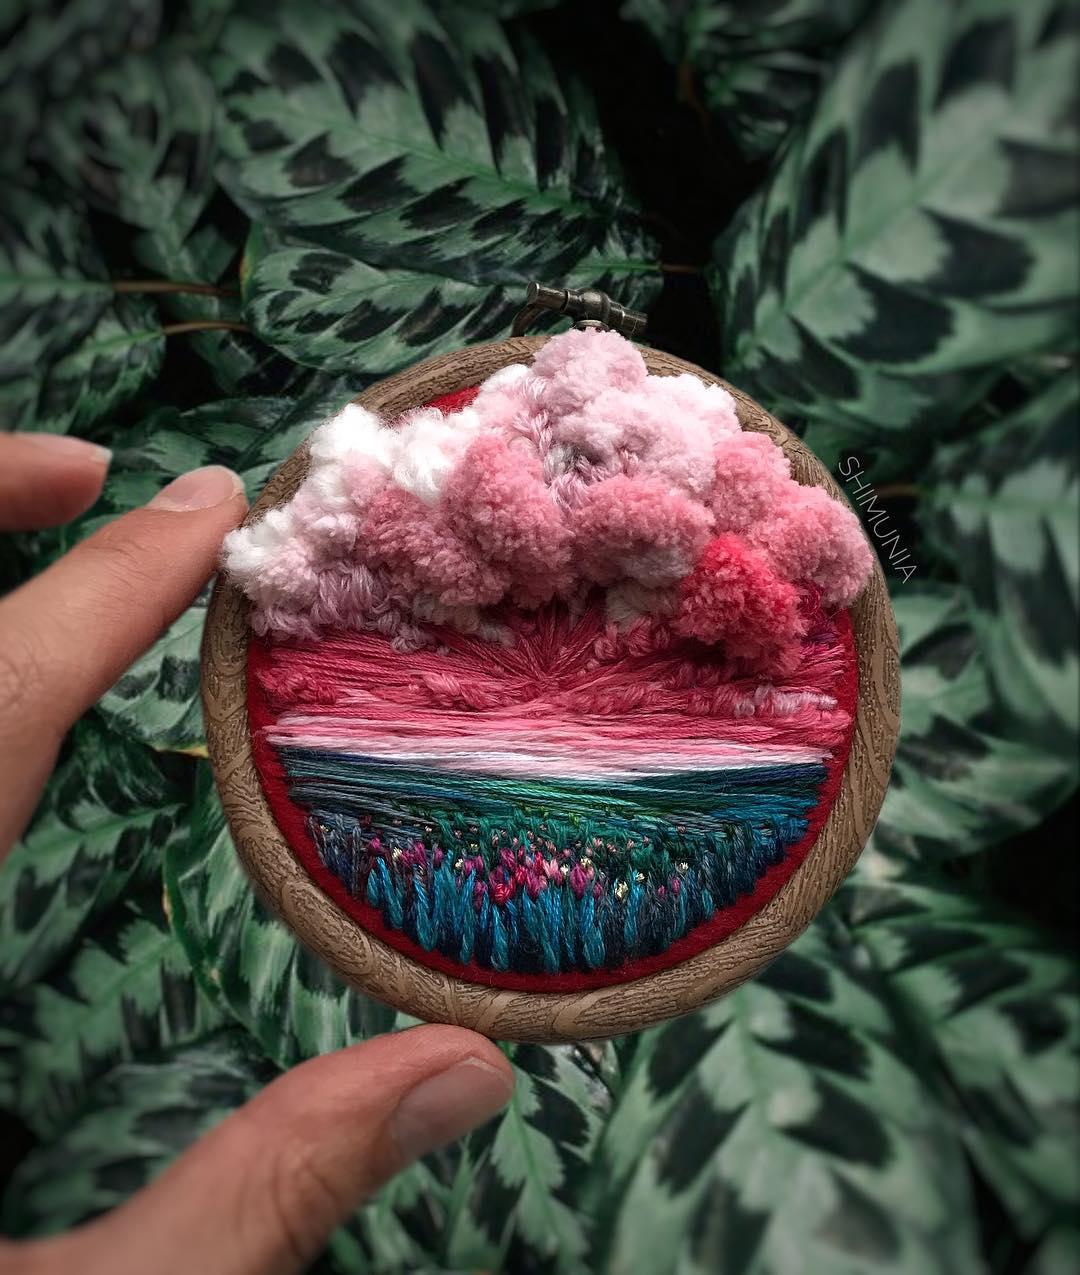 Kỹ thuật thêu 3D miêu tả sống động vẻ đẹp của thiên nhiên mây trời. 13